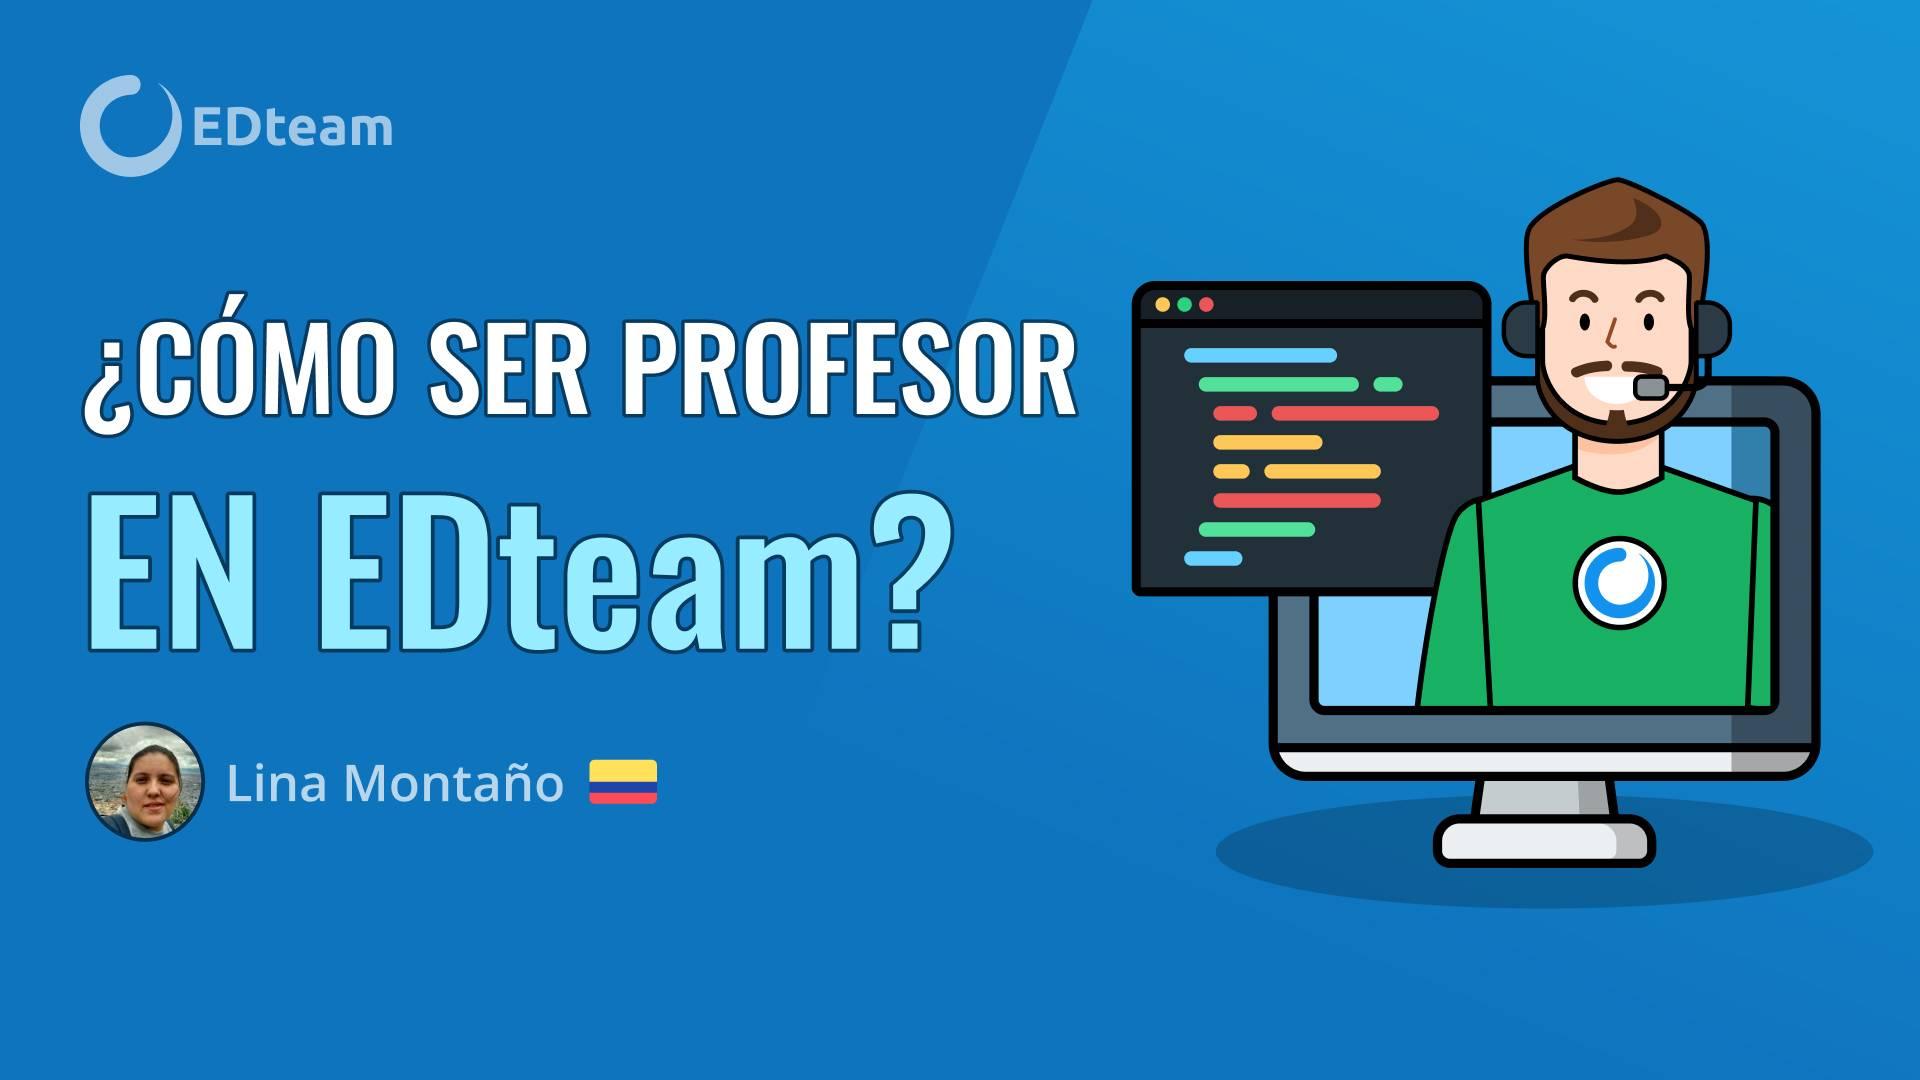 ¿Cómo ser profesor en EDteam?